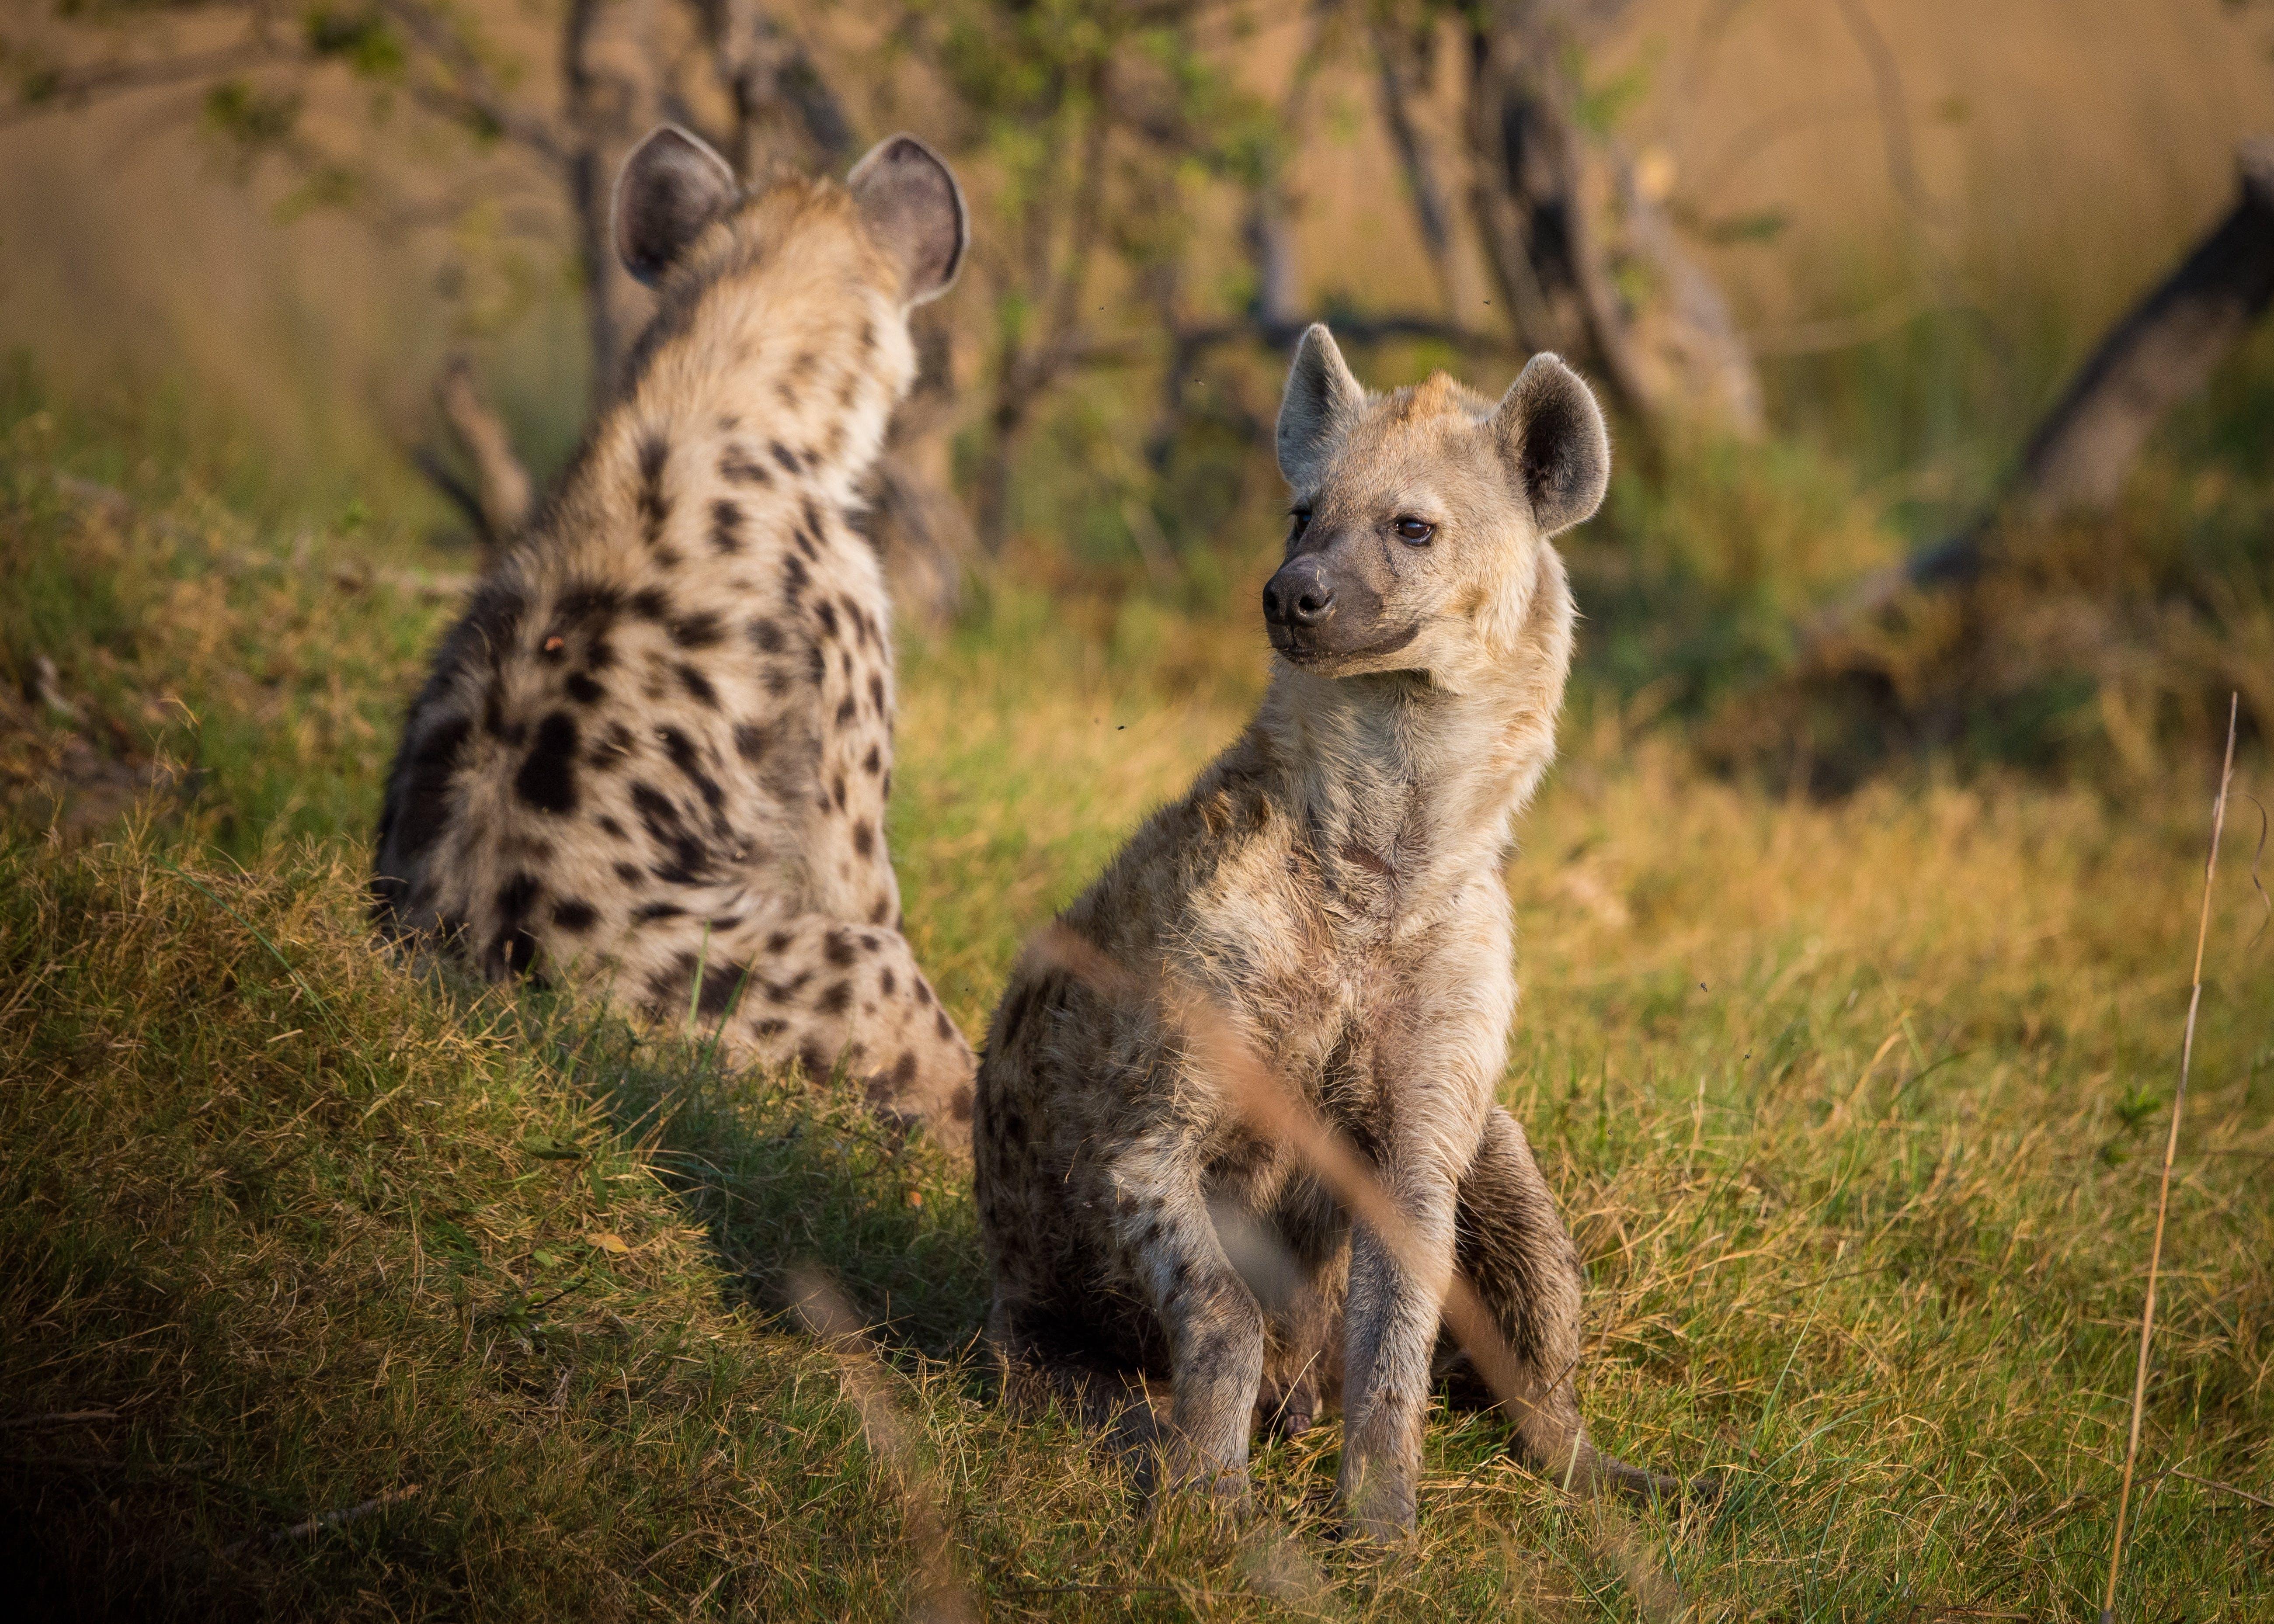 2 Hyenas on Grass Land during Daytime